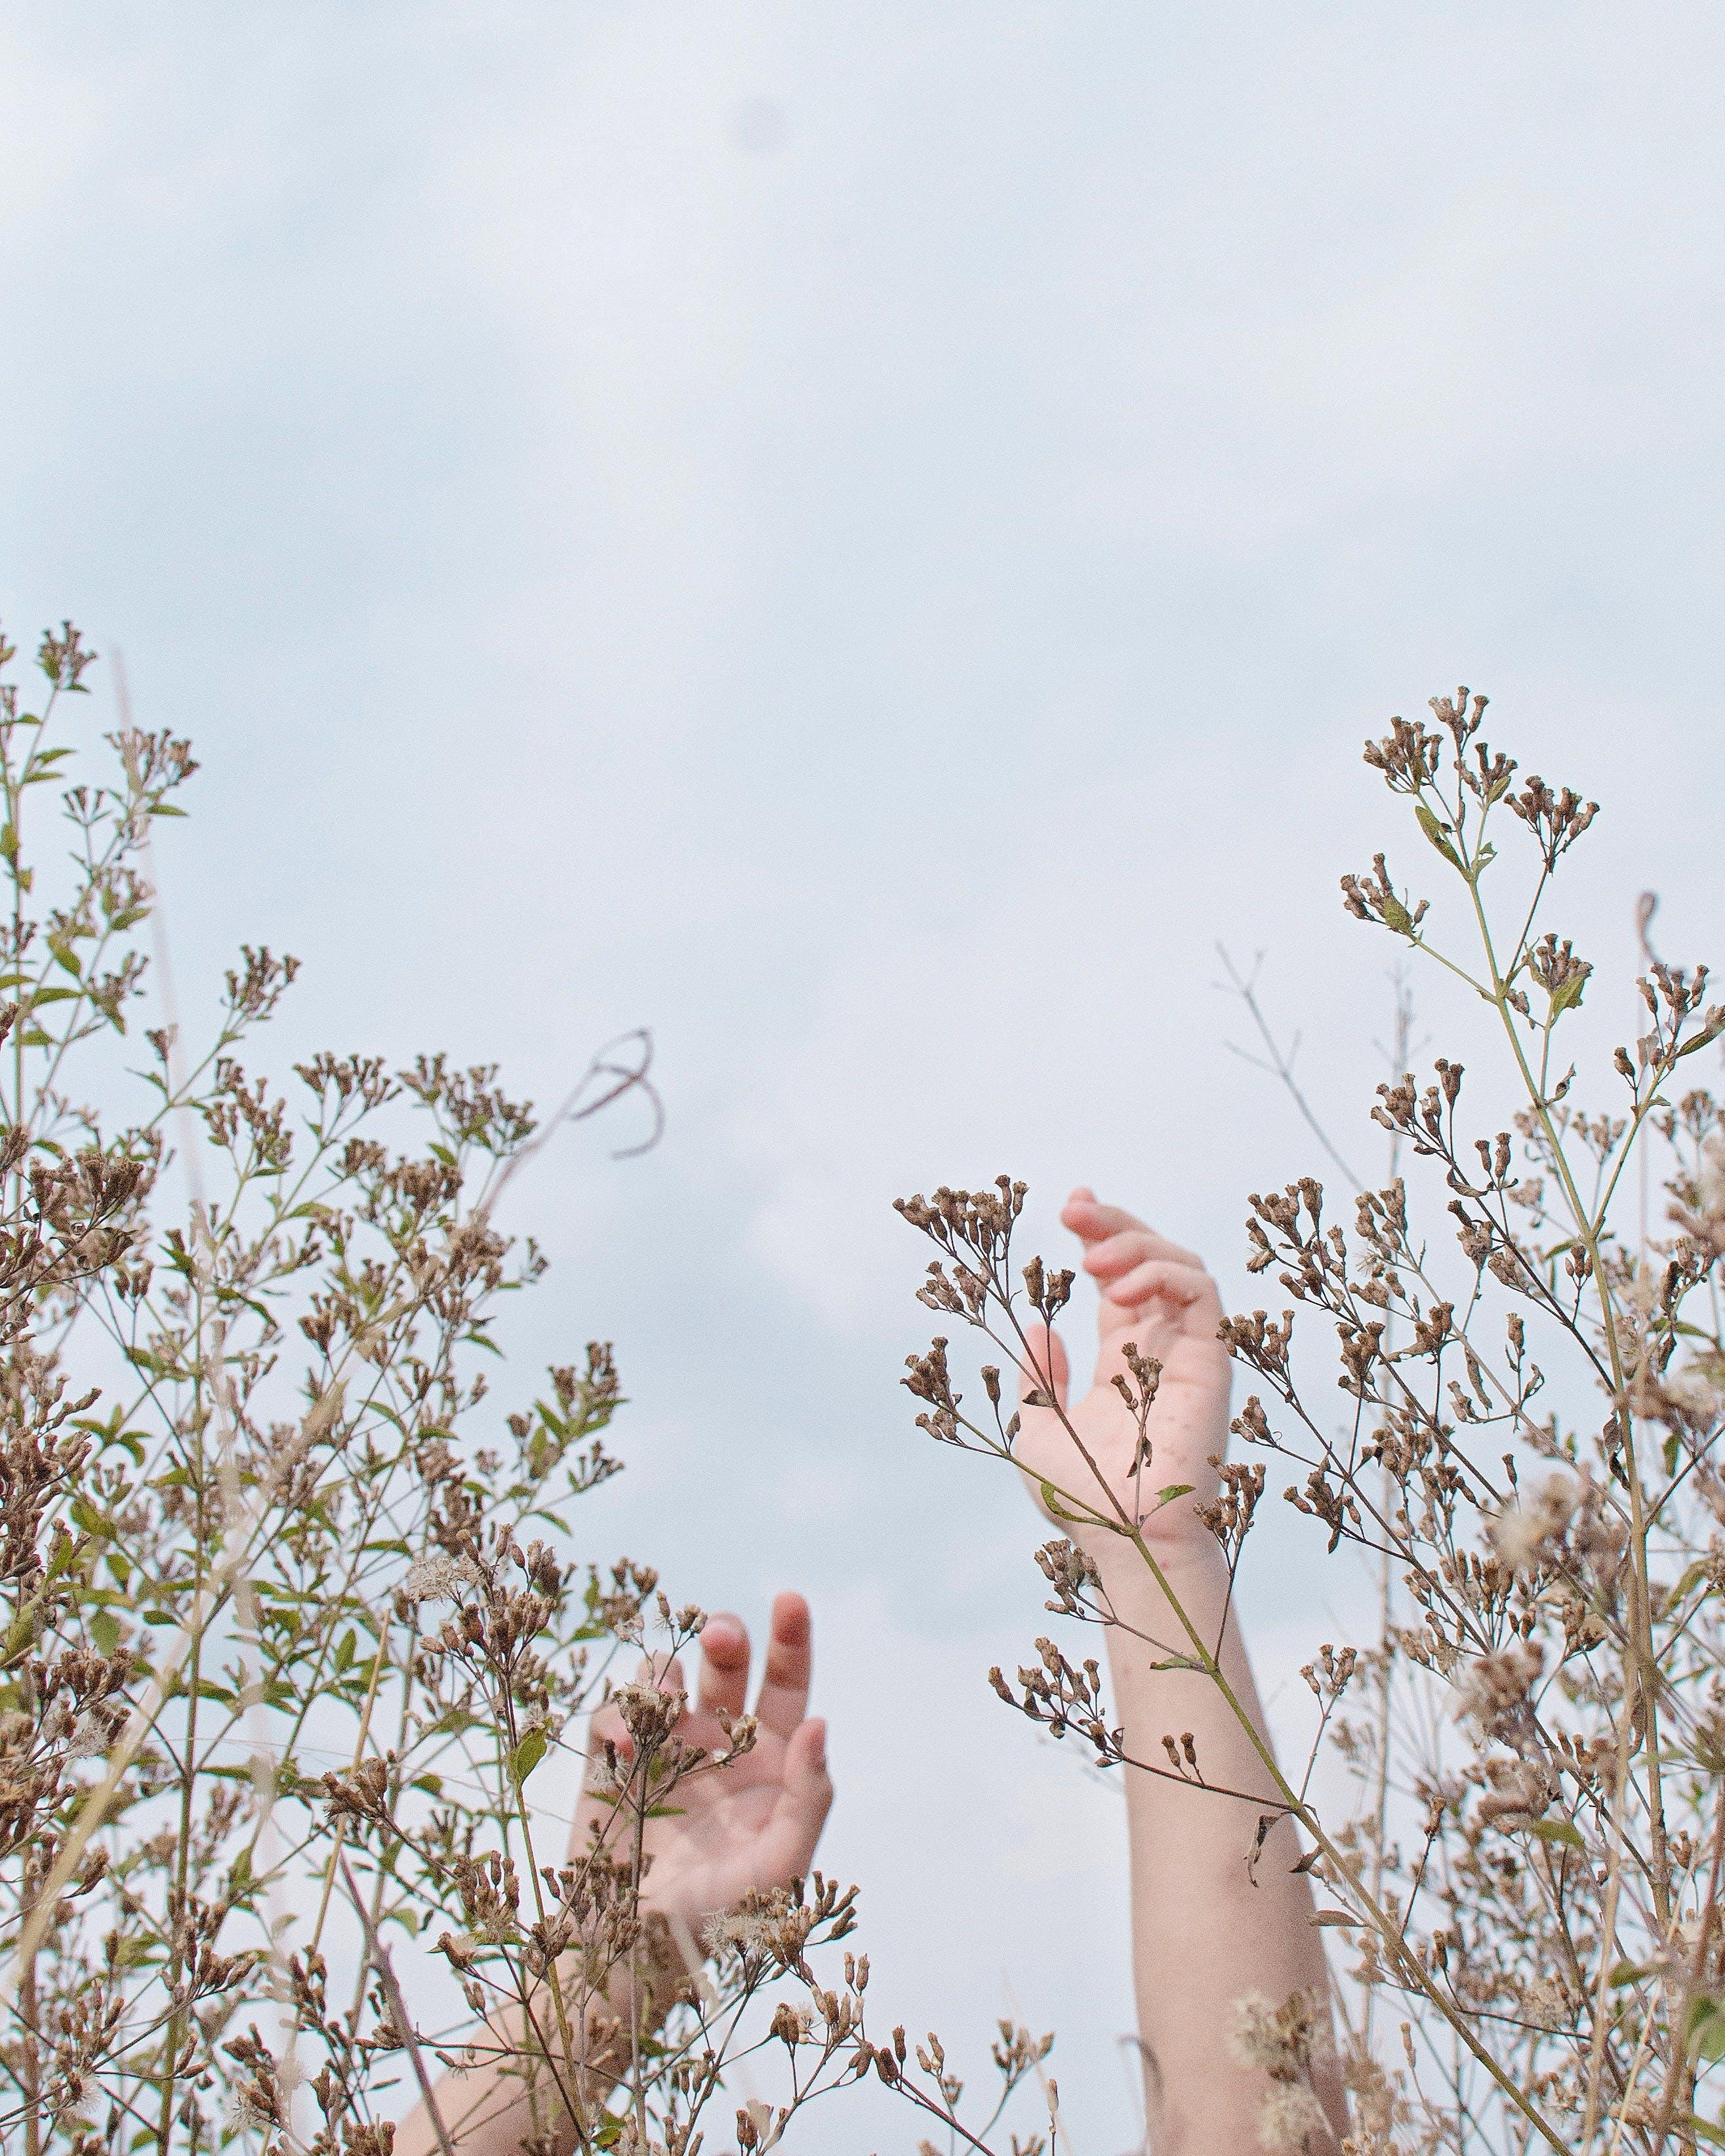 Gratis lagerfoto af himmel, hænder, plante